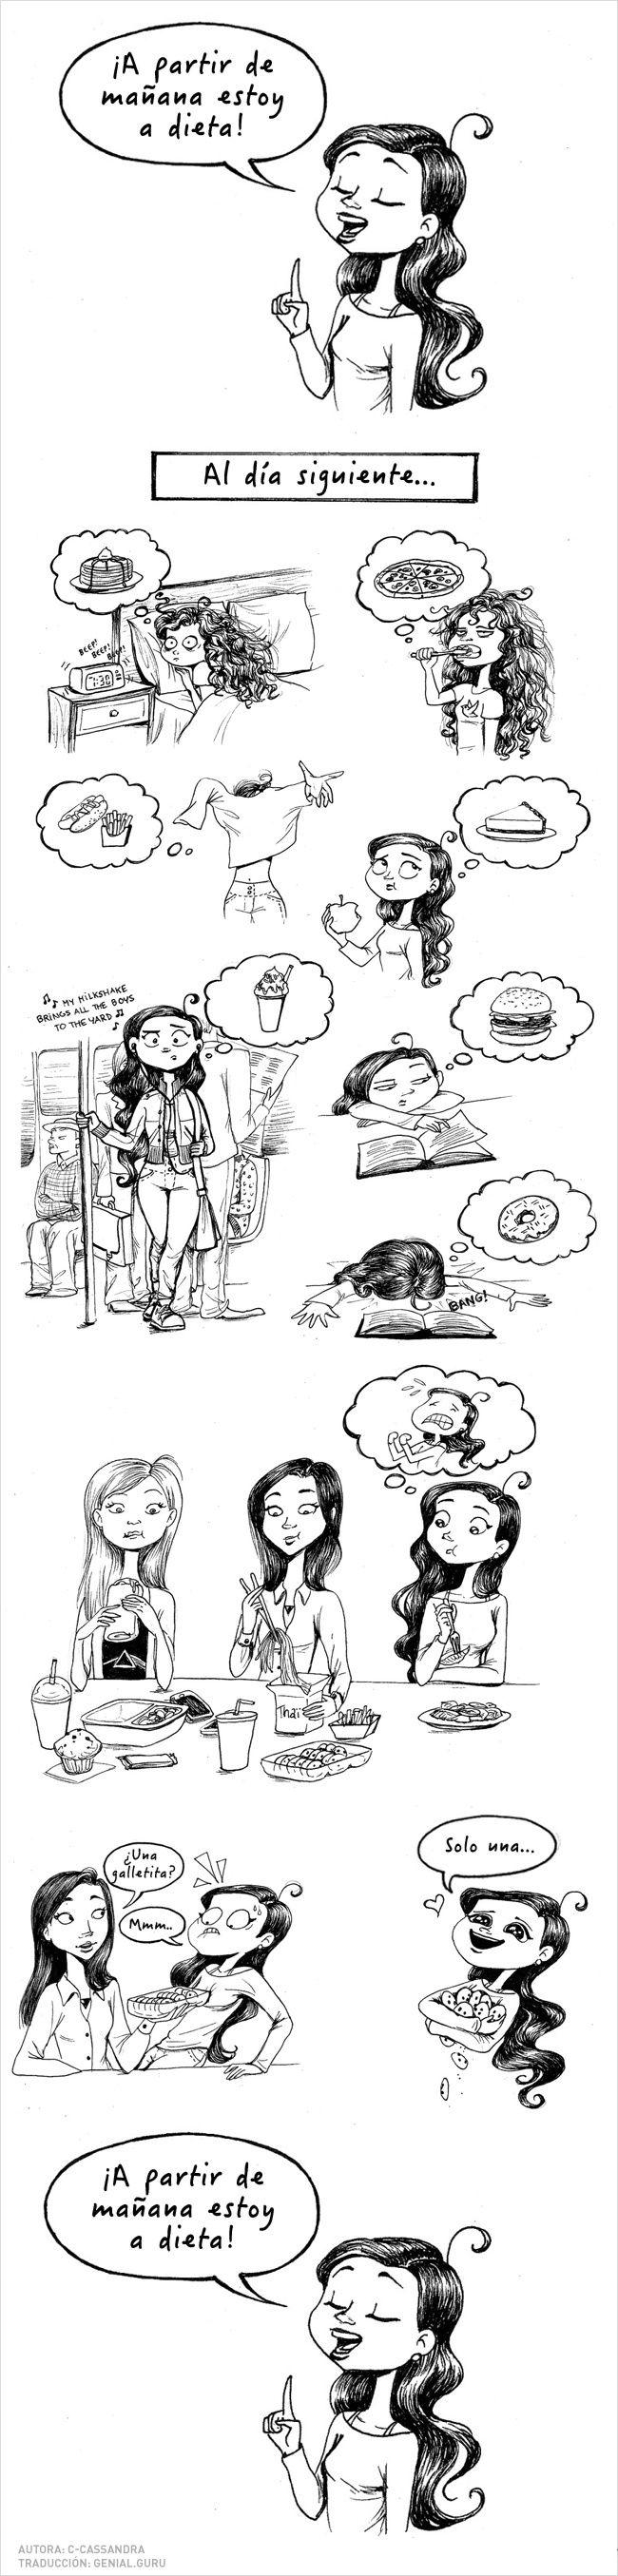 Estos cómics entienden todos los problemas de las chicas! - Imagen 4